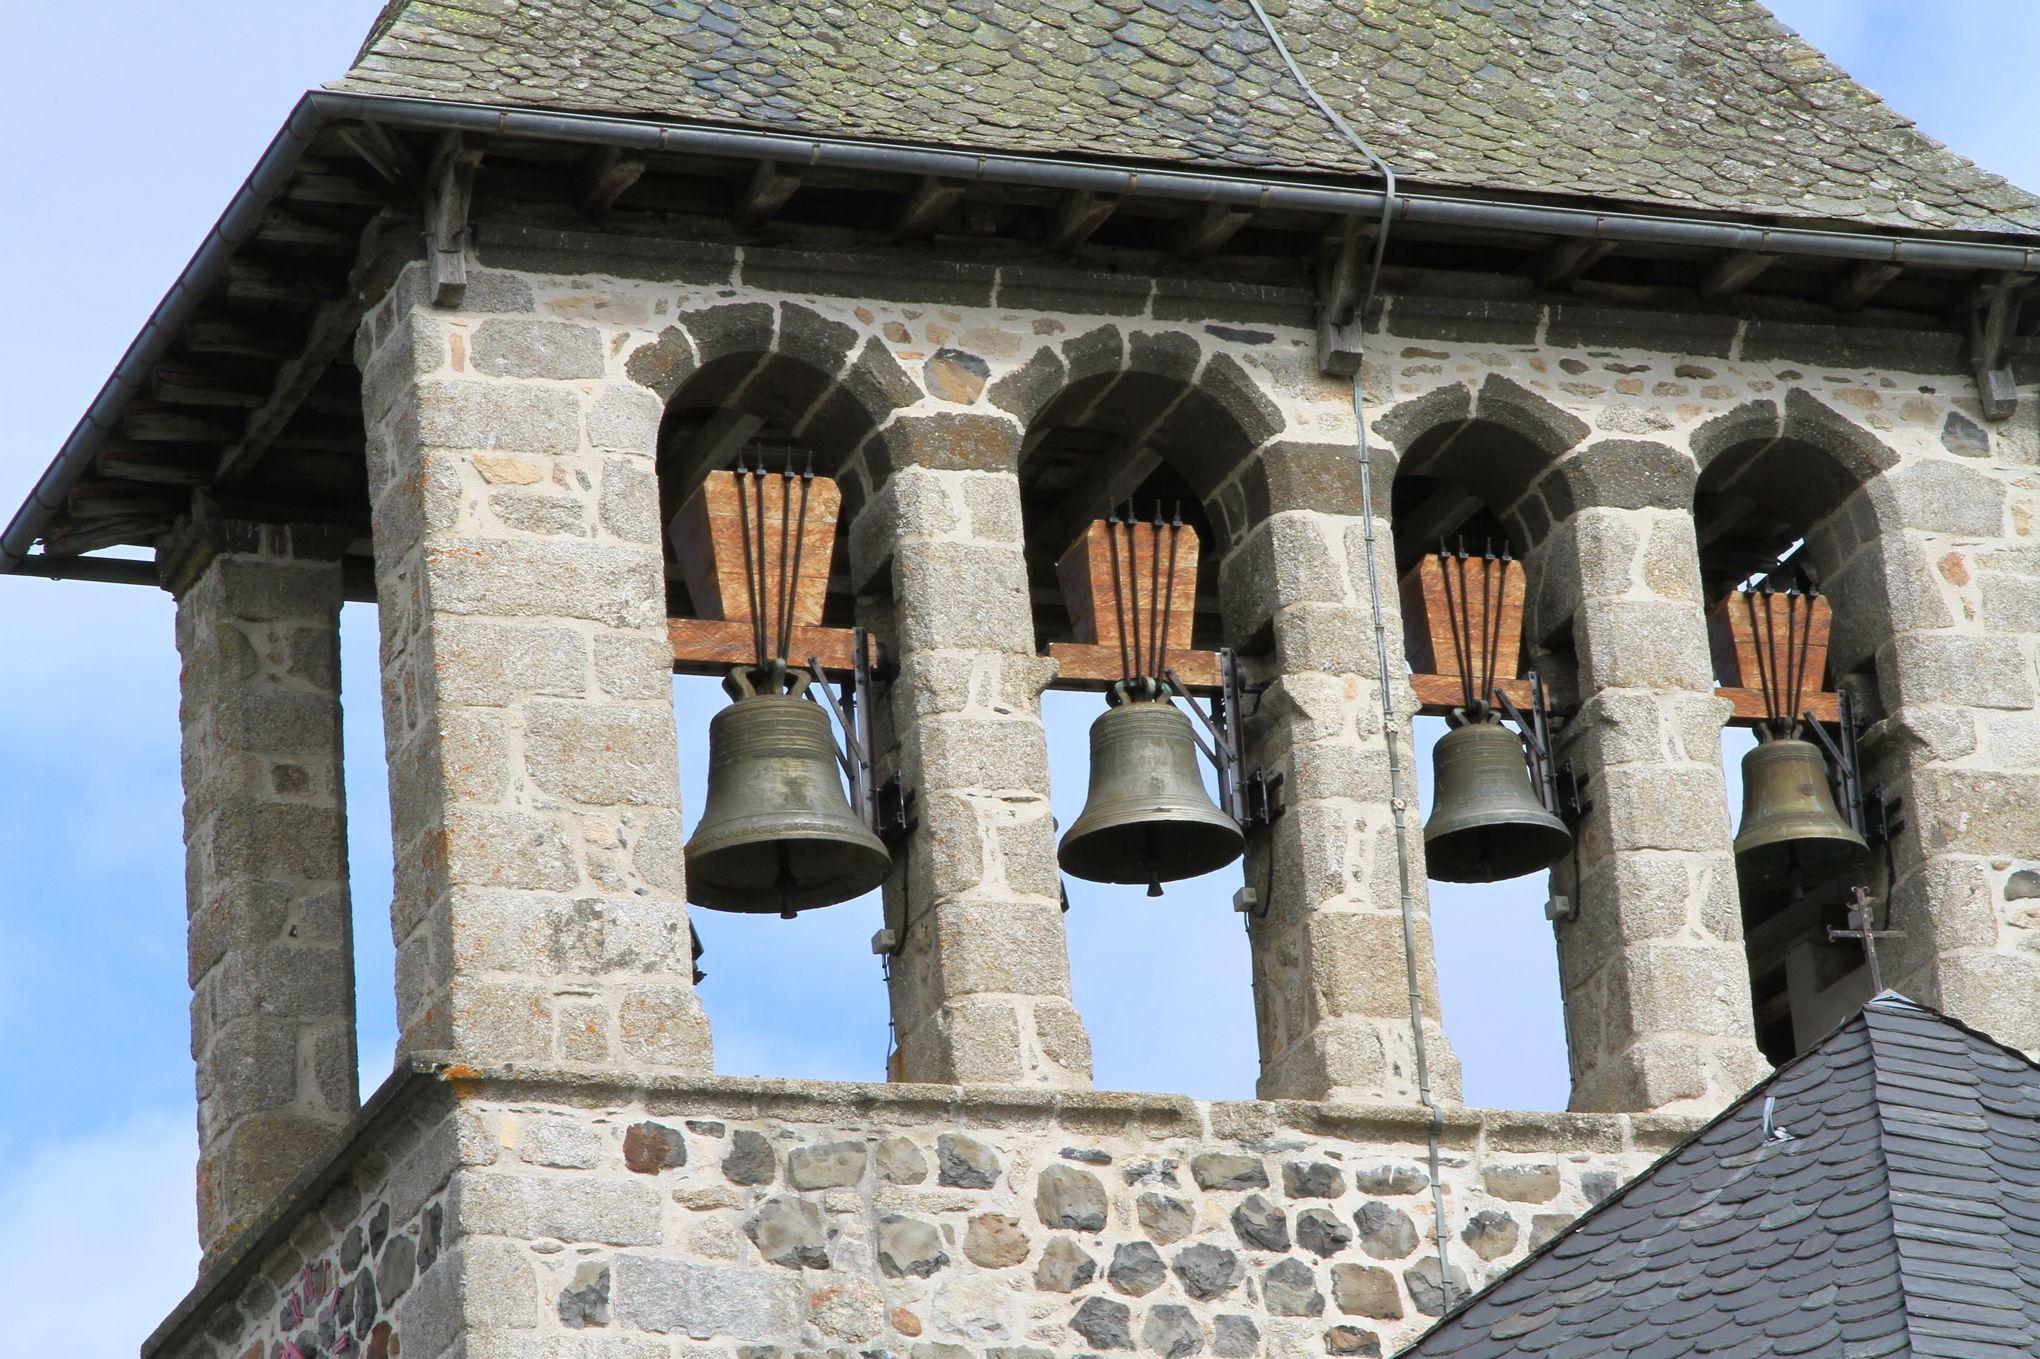 Armistice : les cloches sonneront le 11 novembre 2018 à 11:00